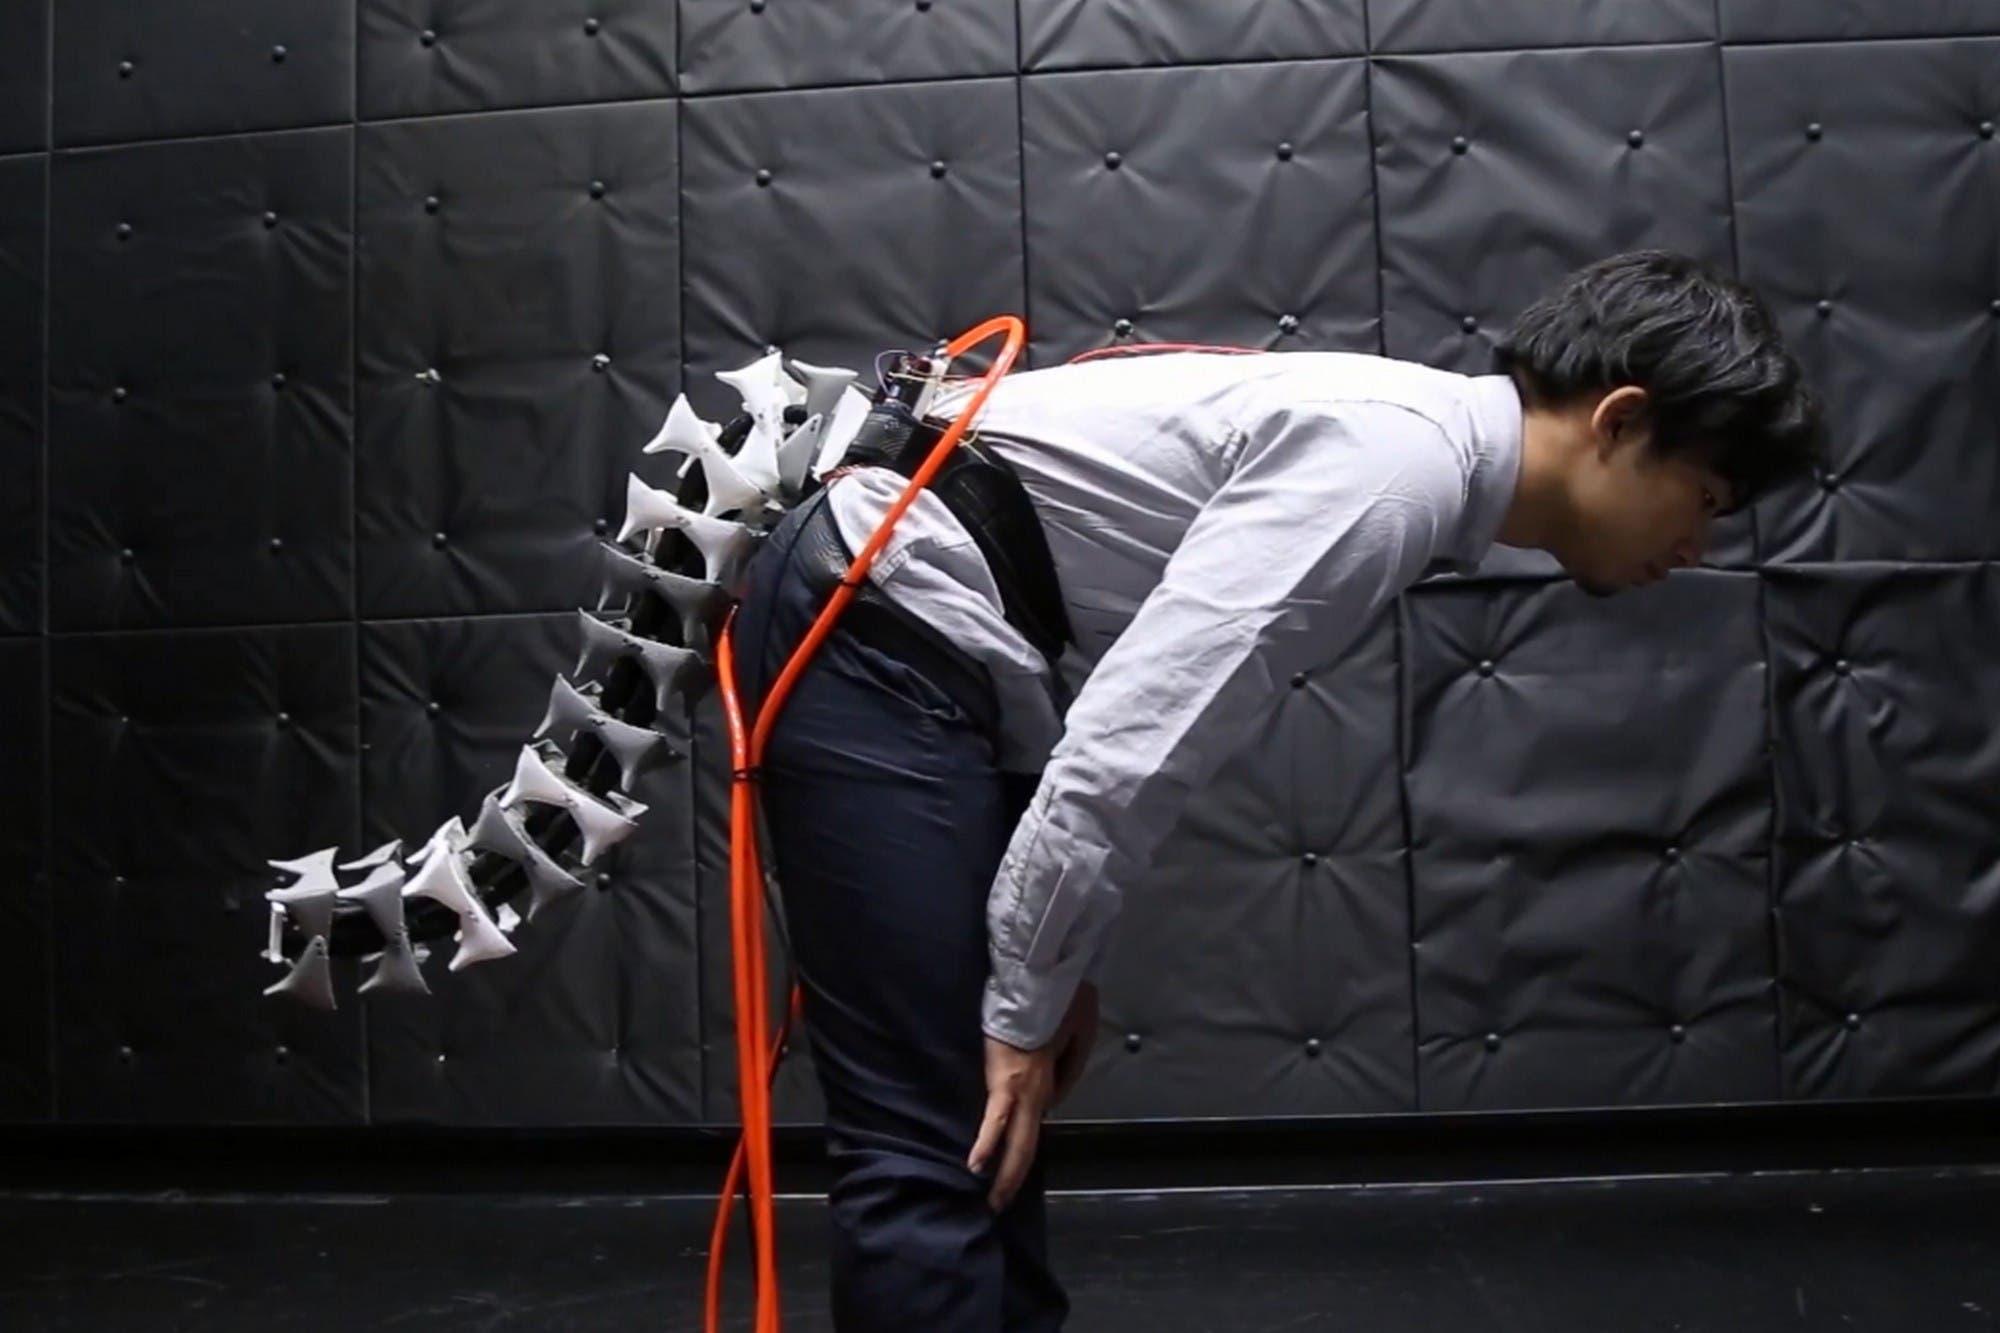 Crean una cola robótica para tener la agilidad y el equilibrio de un gato o un mono